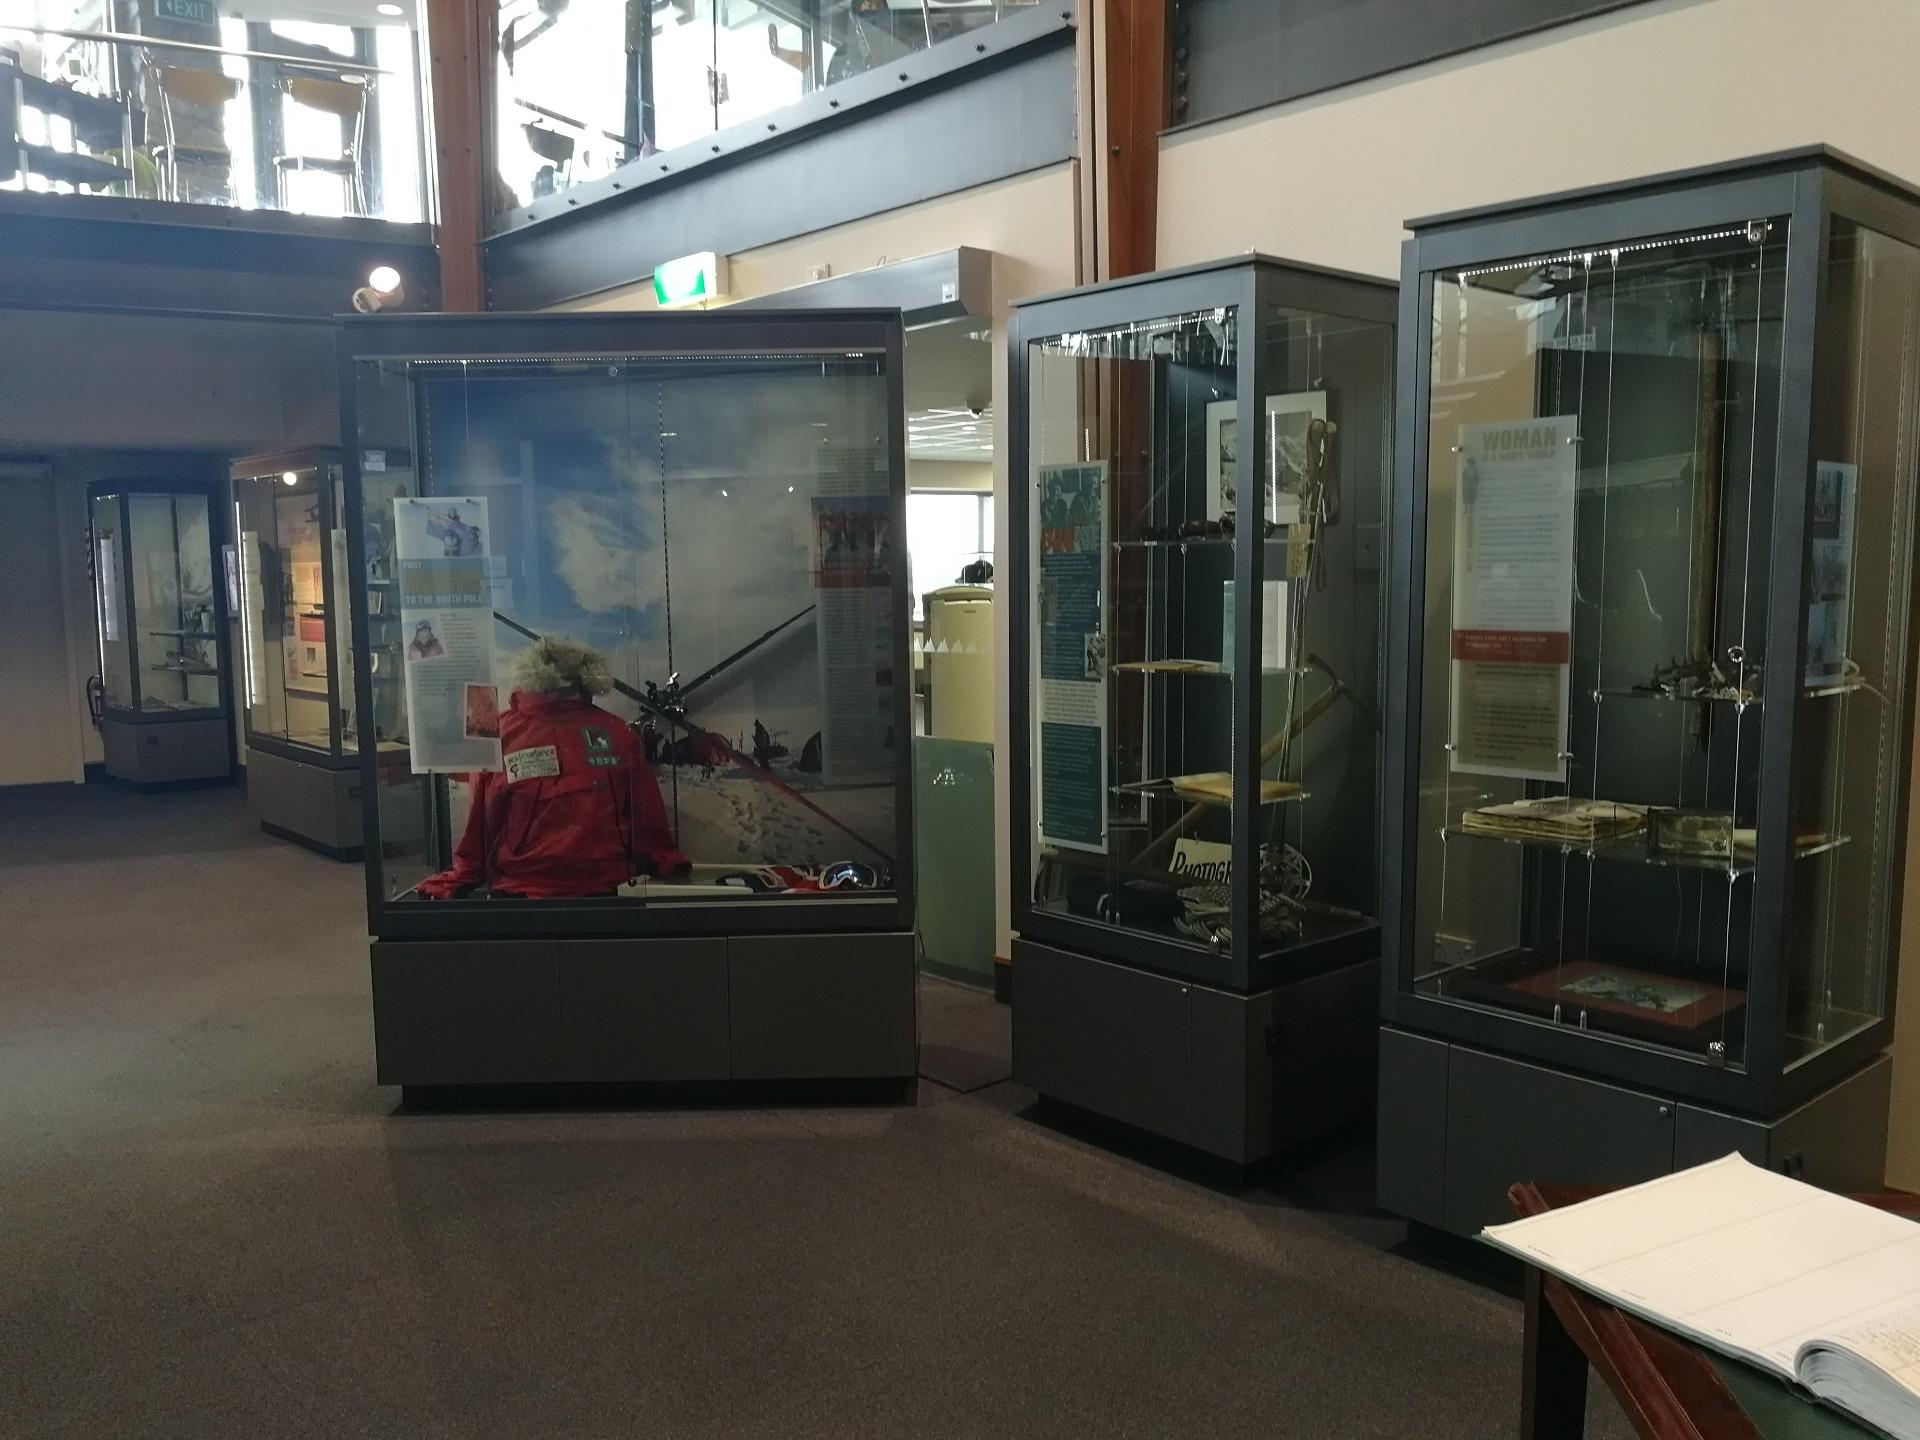 Výstavní expozice muzea Edmunda Hillaryho s horolezeckým vybavením a oblečením